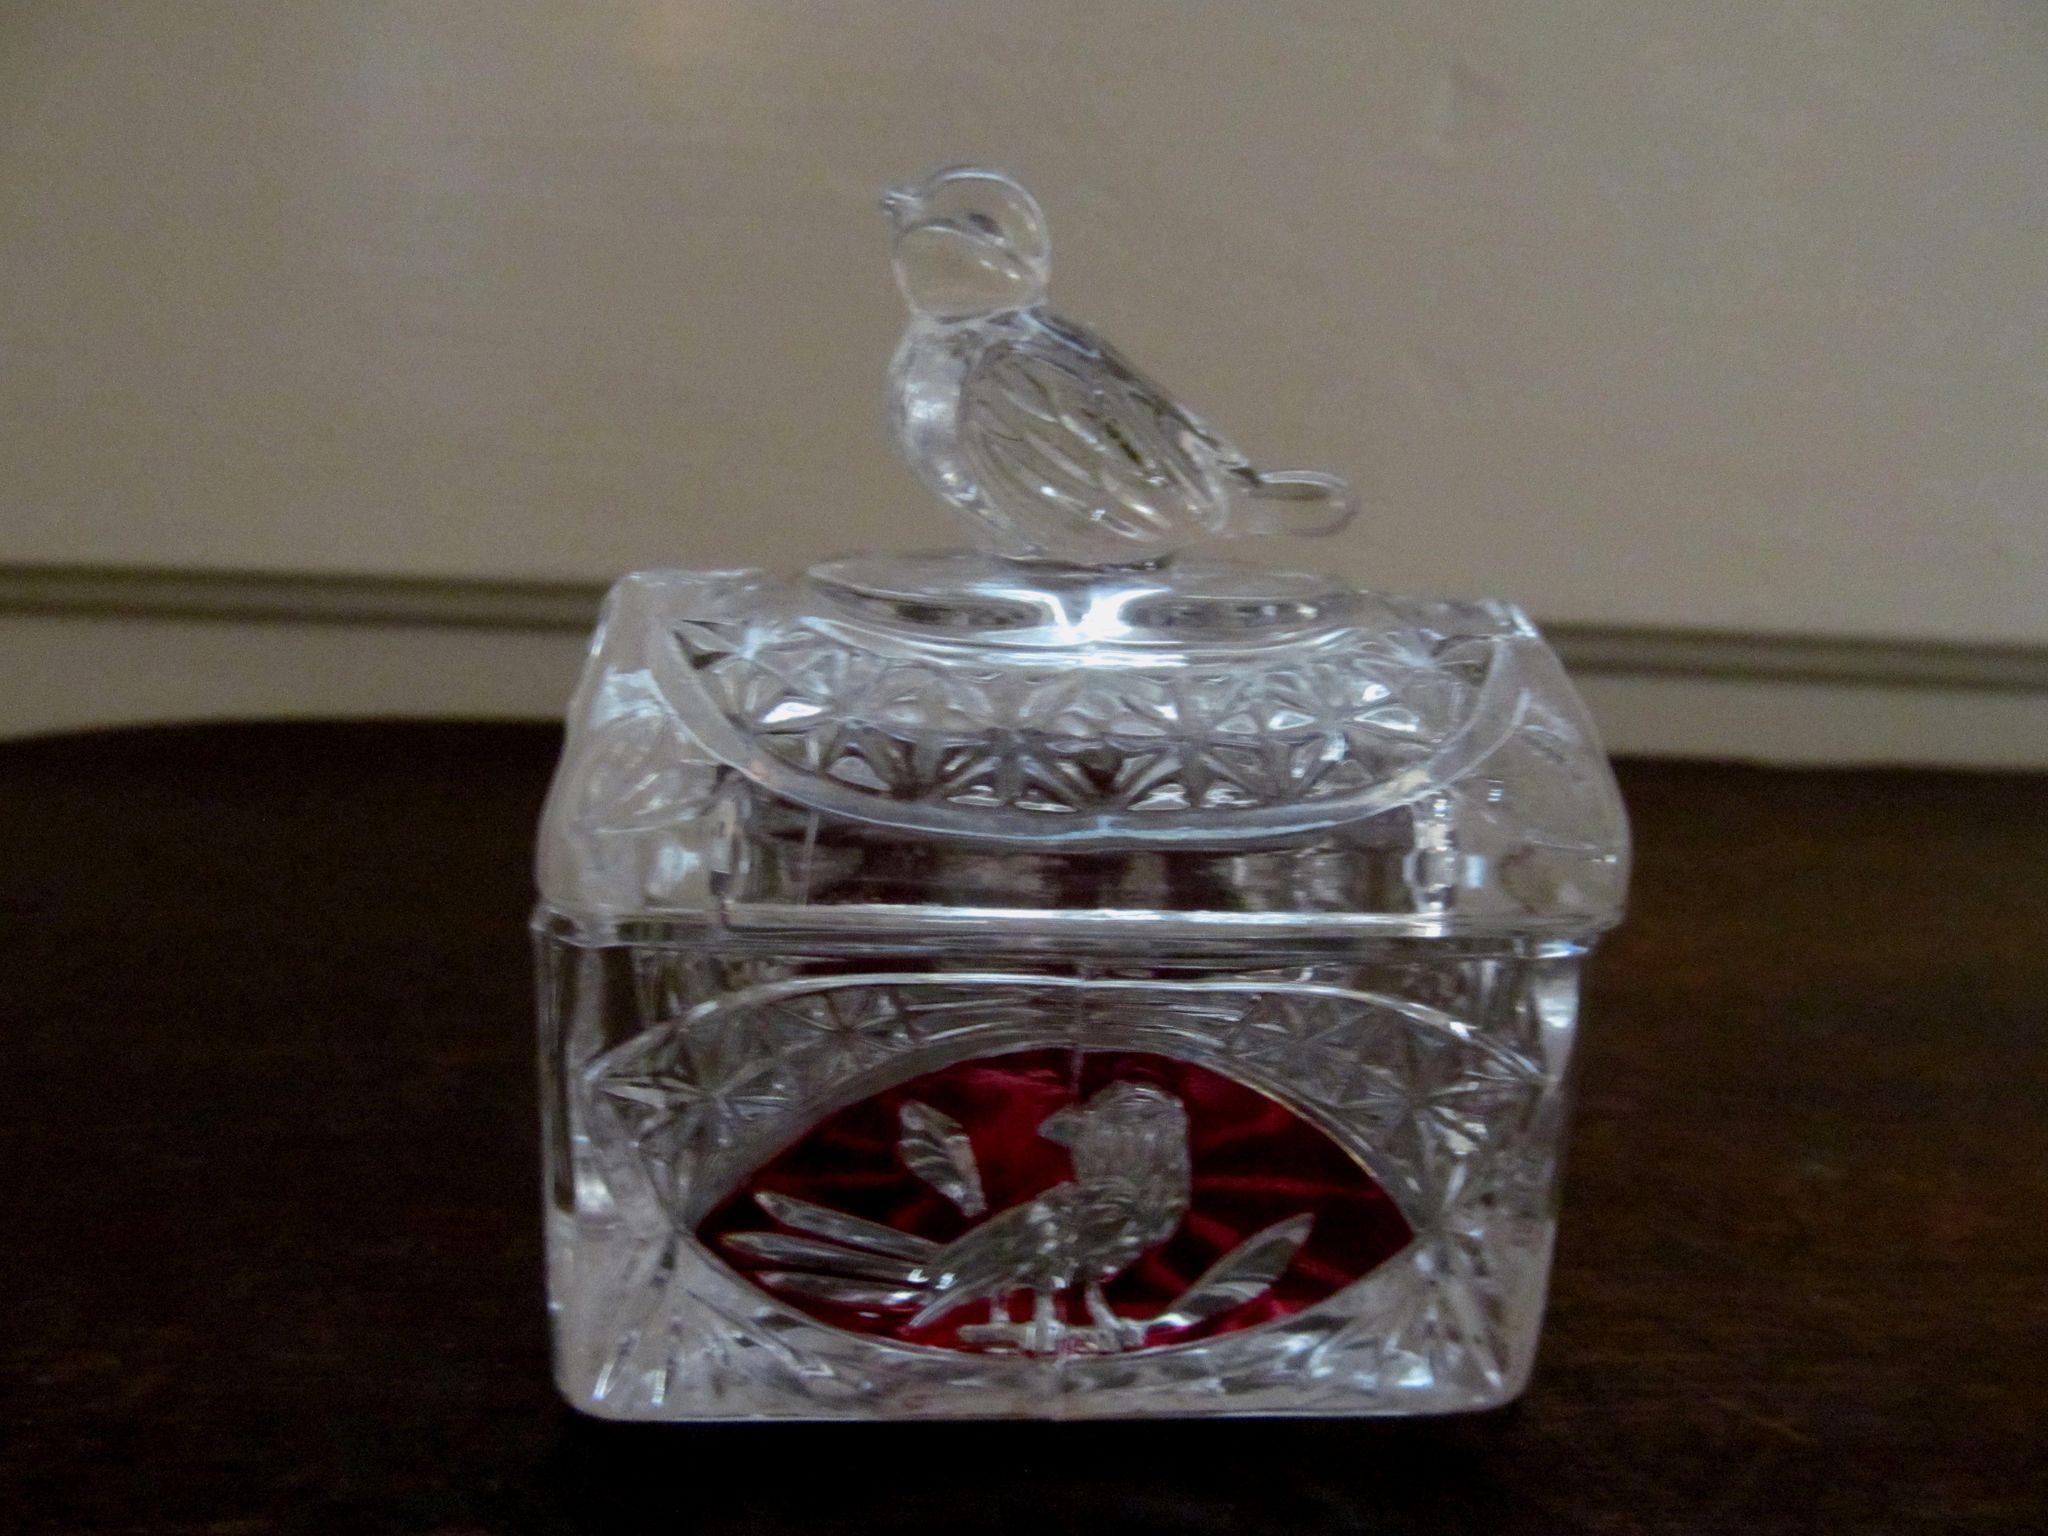 Holbauer Byrdes Byrds Ruby Flashed Ring Trinket Box